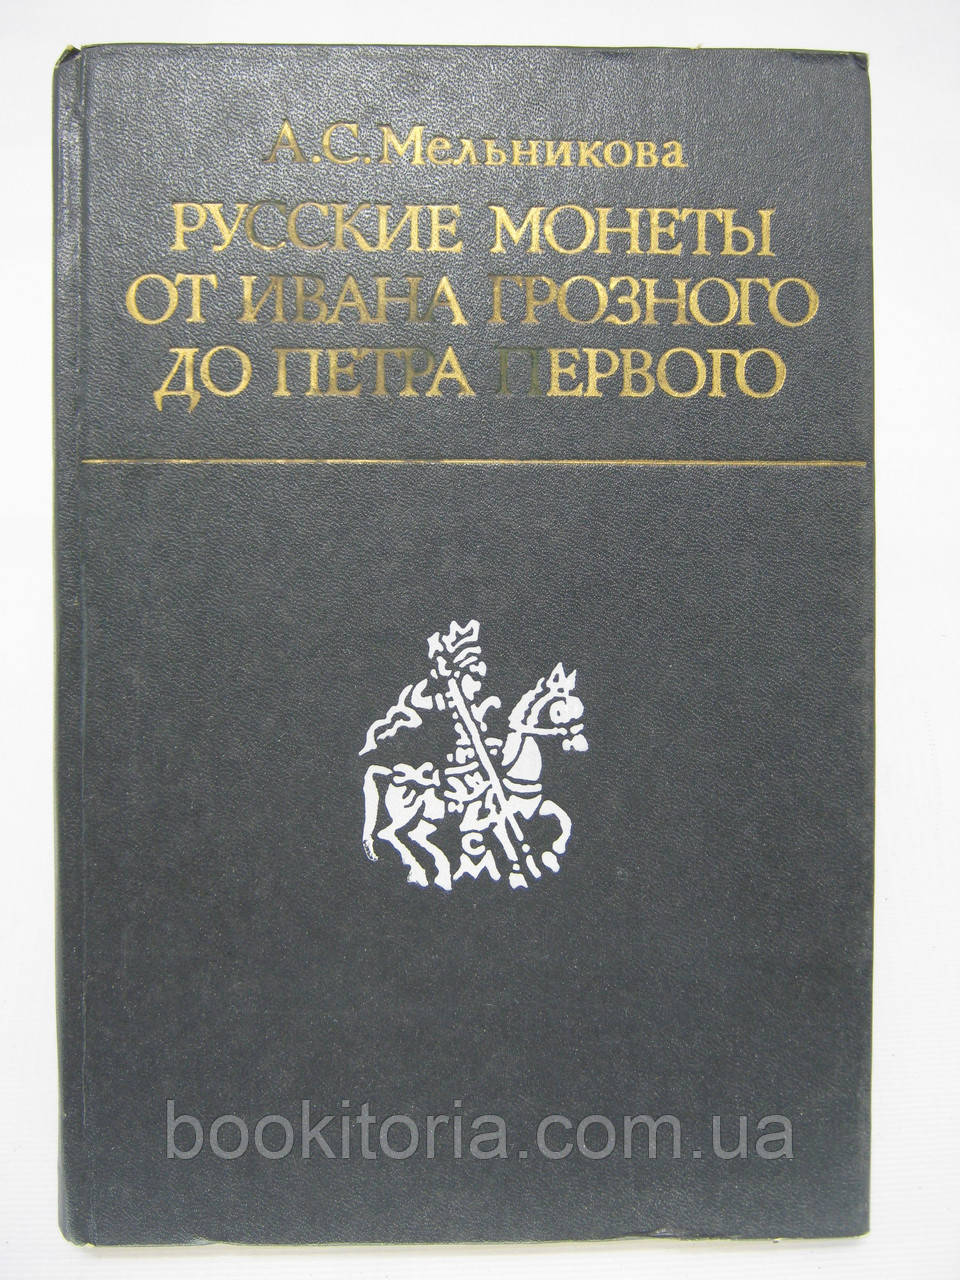 Мельникова А.С. Русские монеты от Ивана Грозного до Петра Первого (б/у).